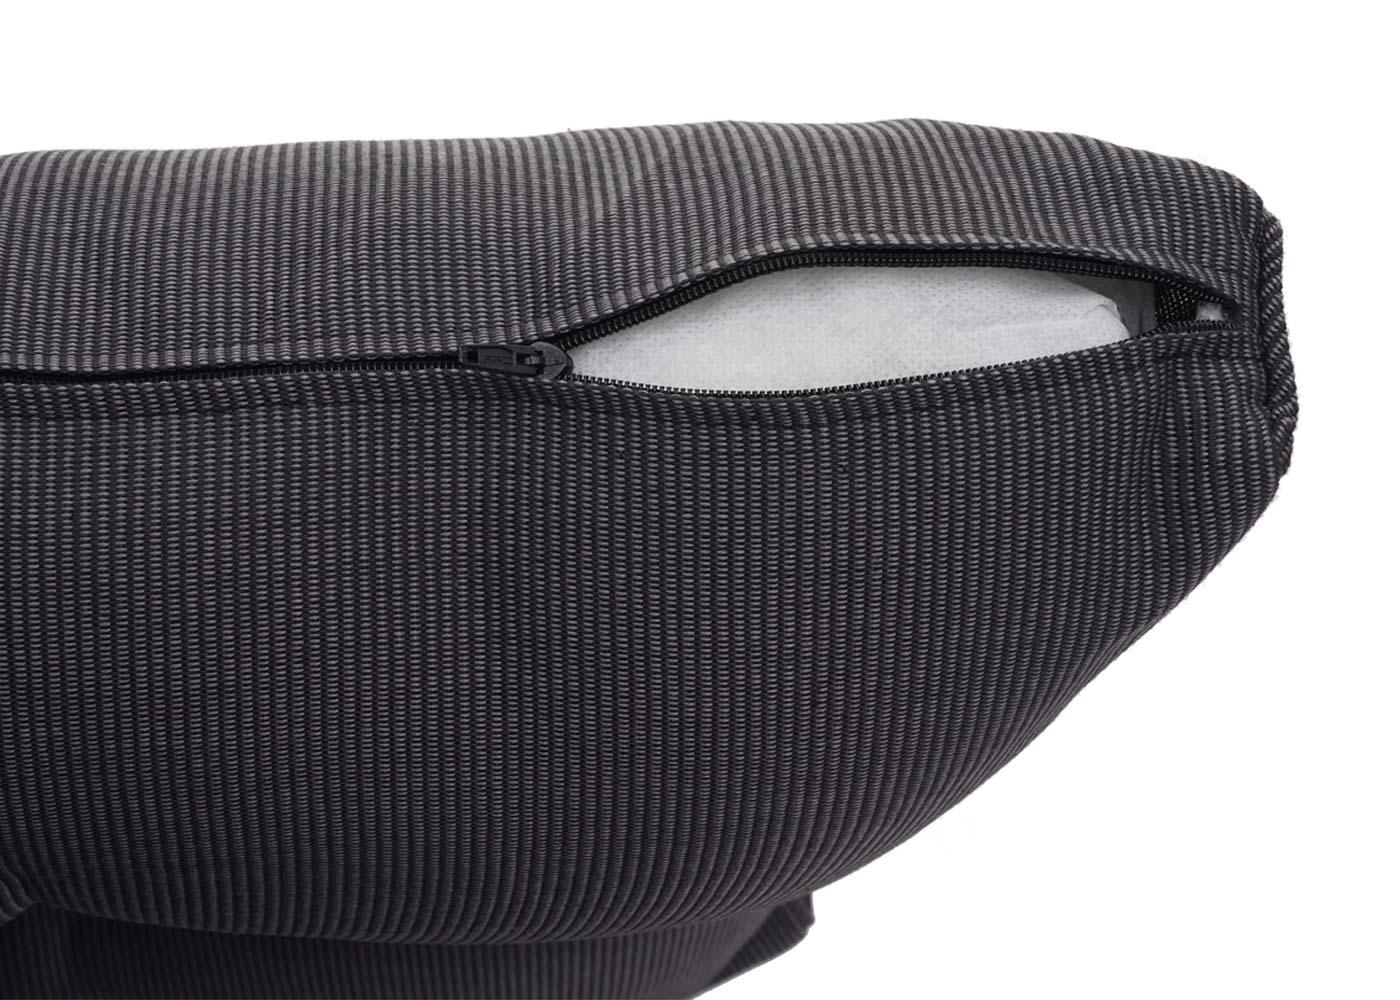 Gartengarnitur HWC-H64 Detailansicht Kissenbezug Reißverschluss